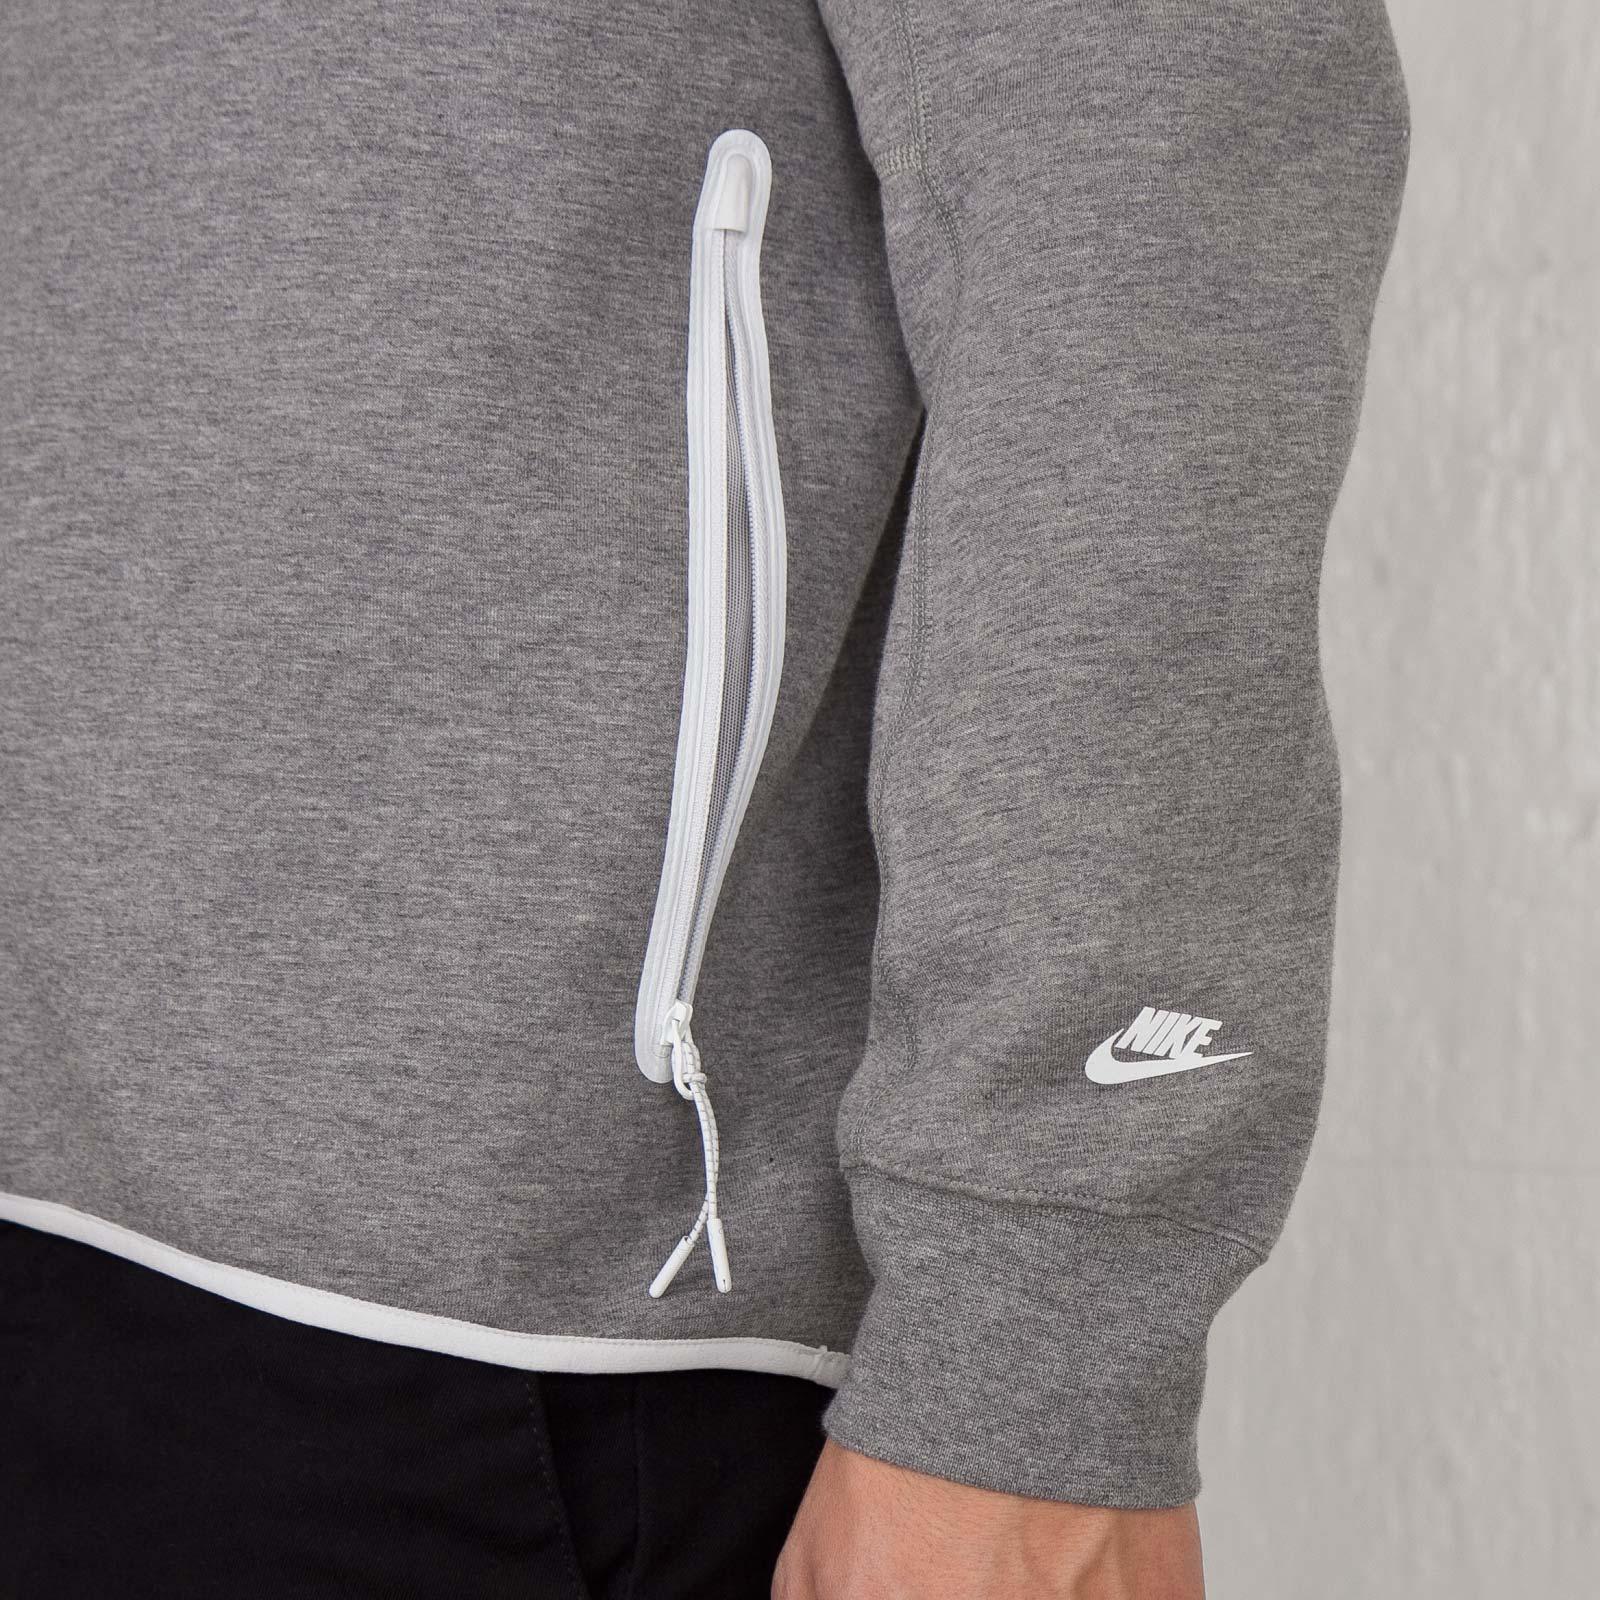 70881ac82de8 Nike White Label Tech Fleece Crew -1MM - 642055-091 - Sneakersnstuff ...